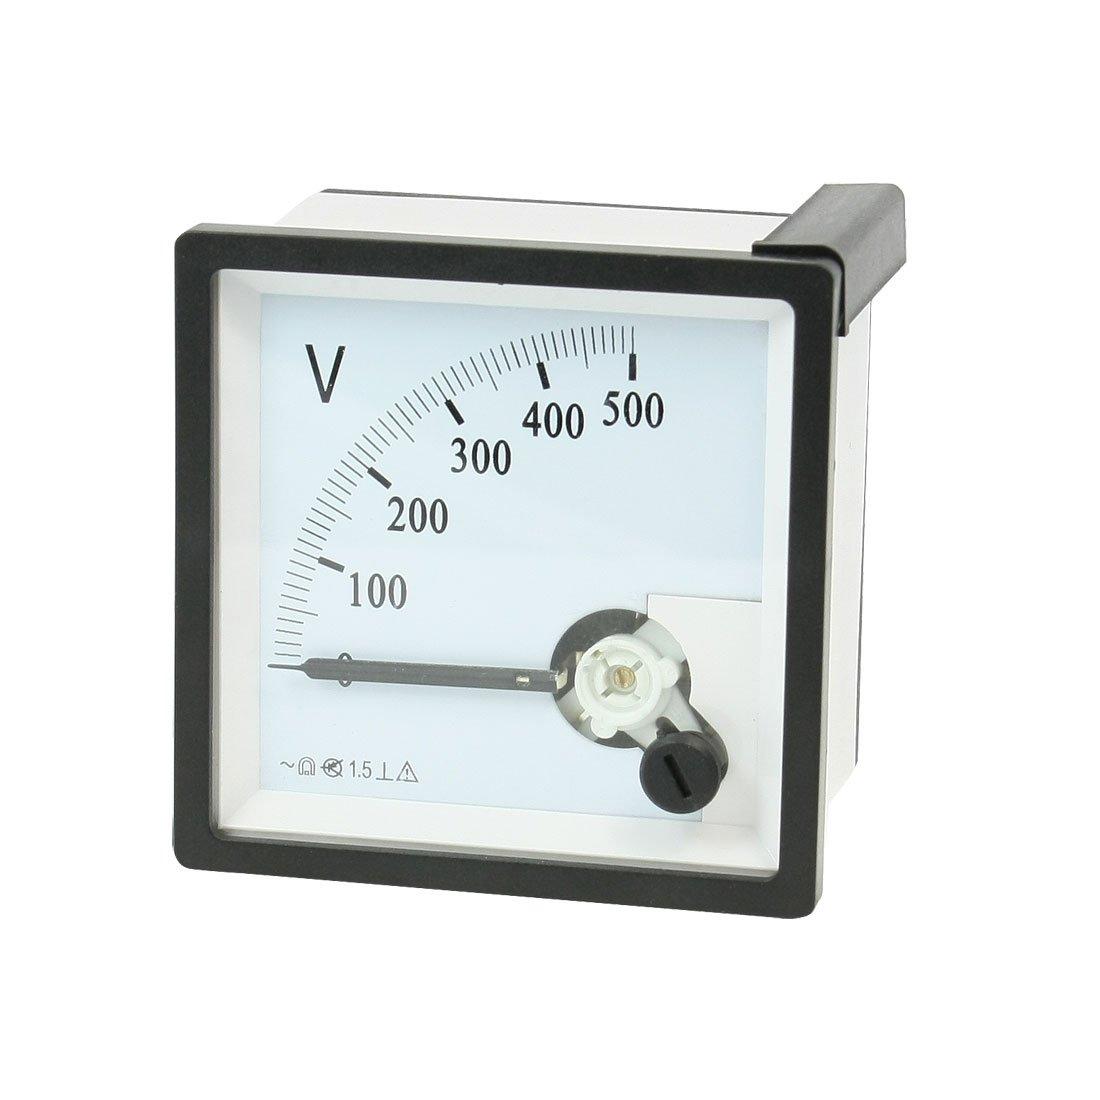 AC 0–500V zéro cadran carré de panneau analogique mètre de tension voltmètre Sourcingmap a13051300ux0160